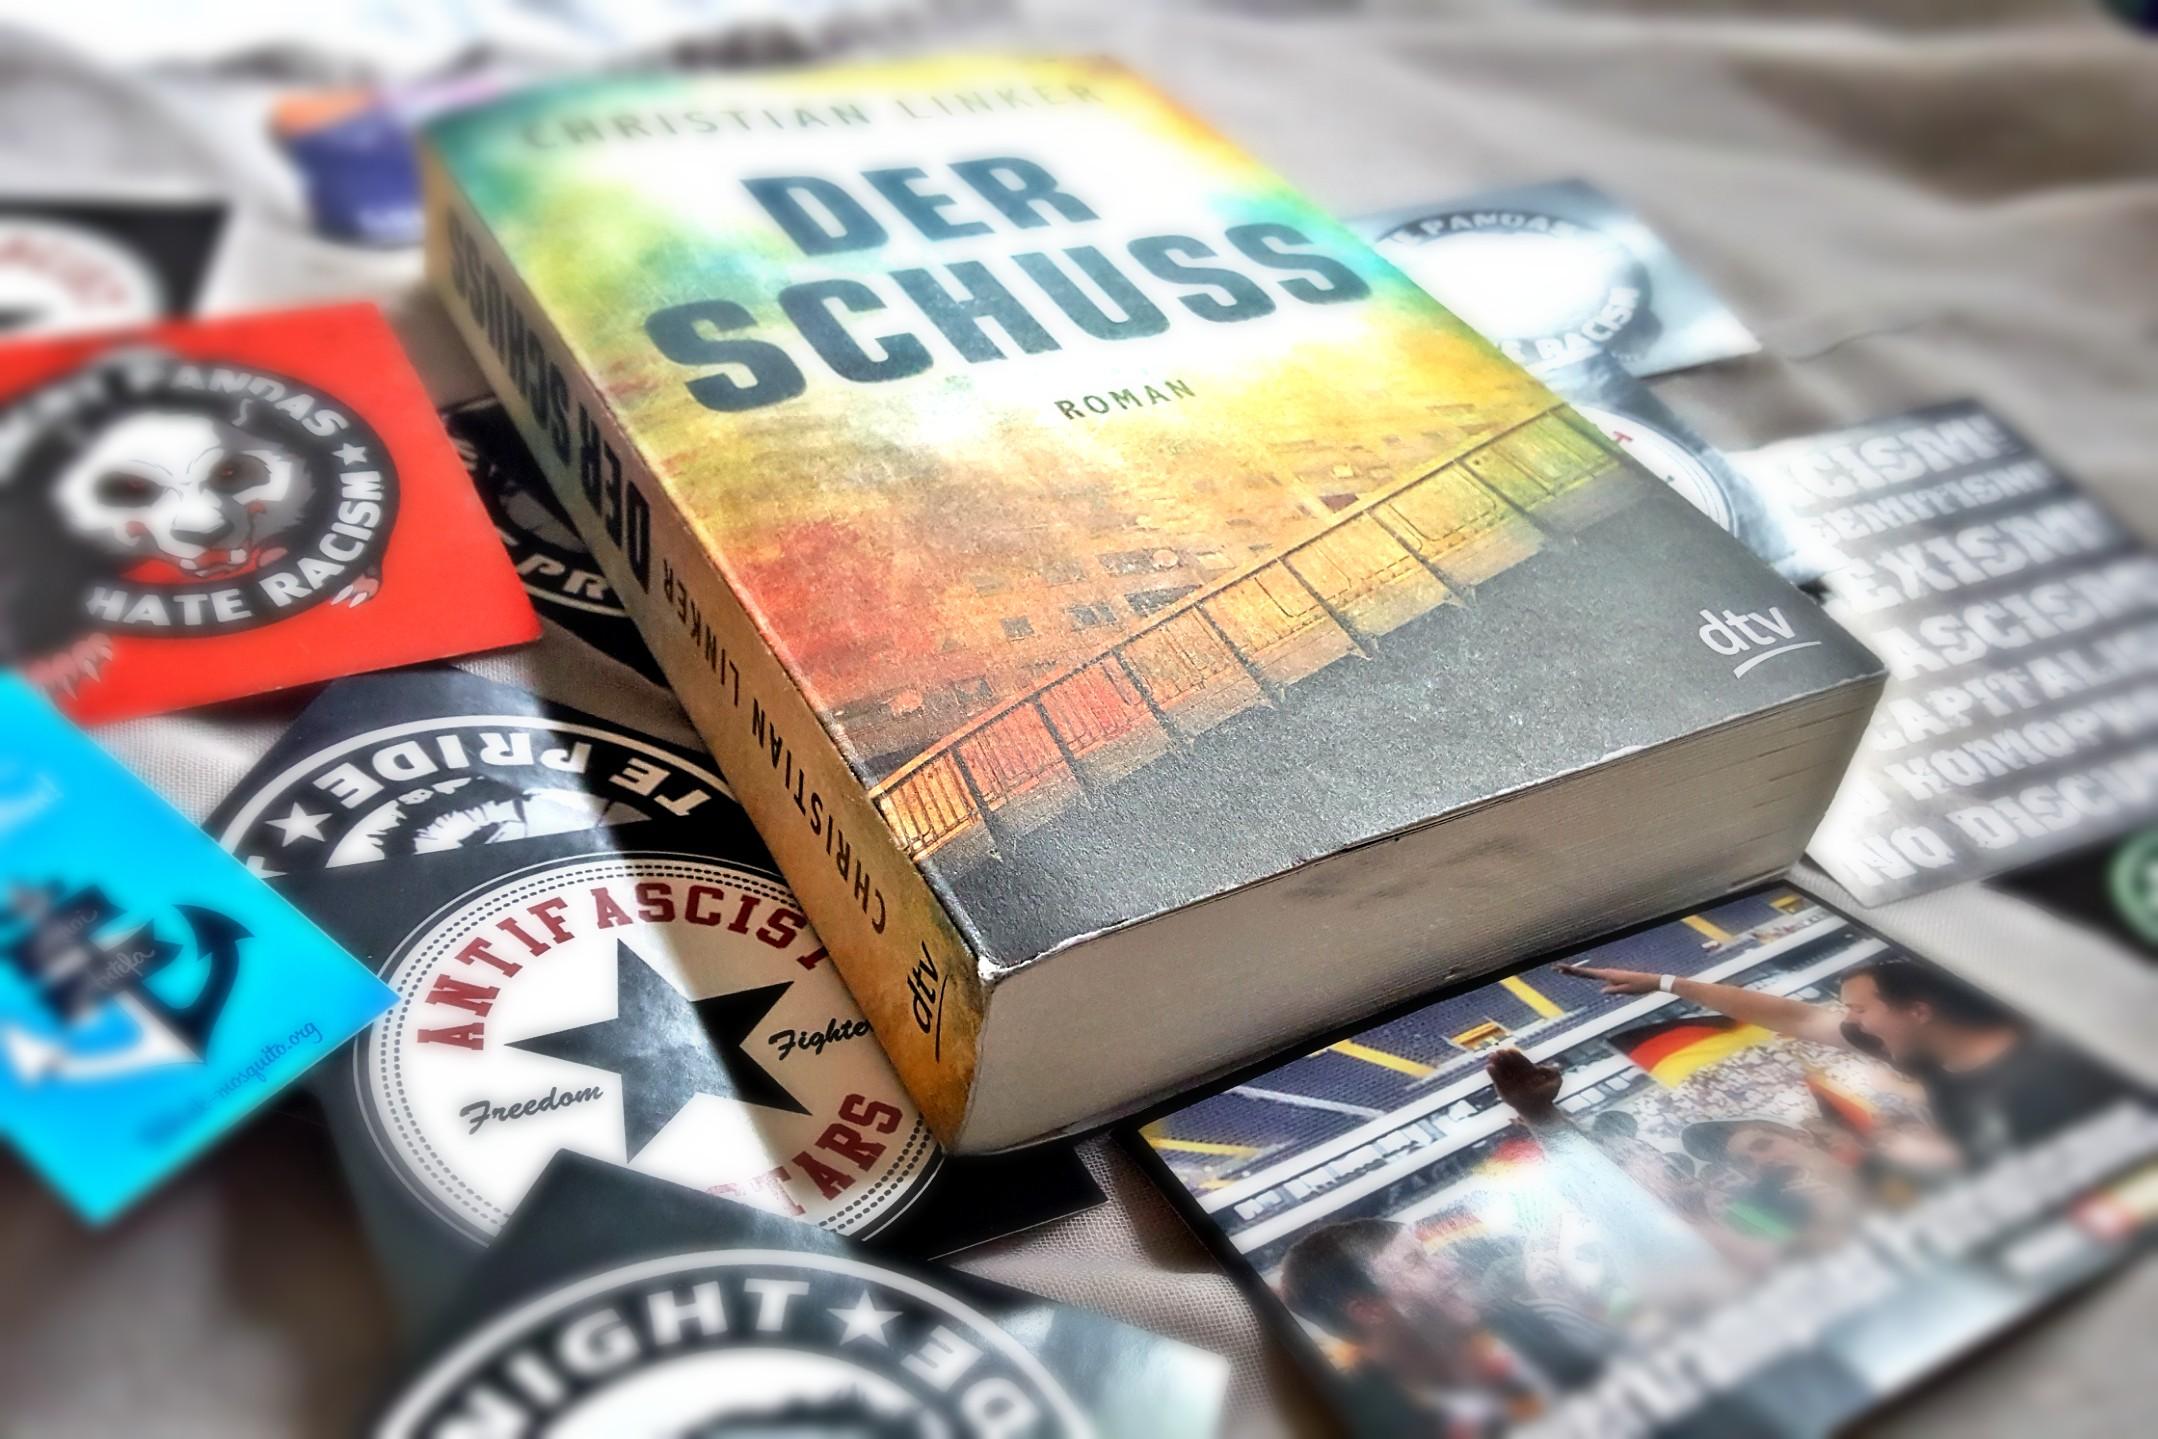 Buch Der Schuss von Christian Linker auf Aufklebern